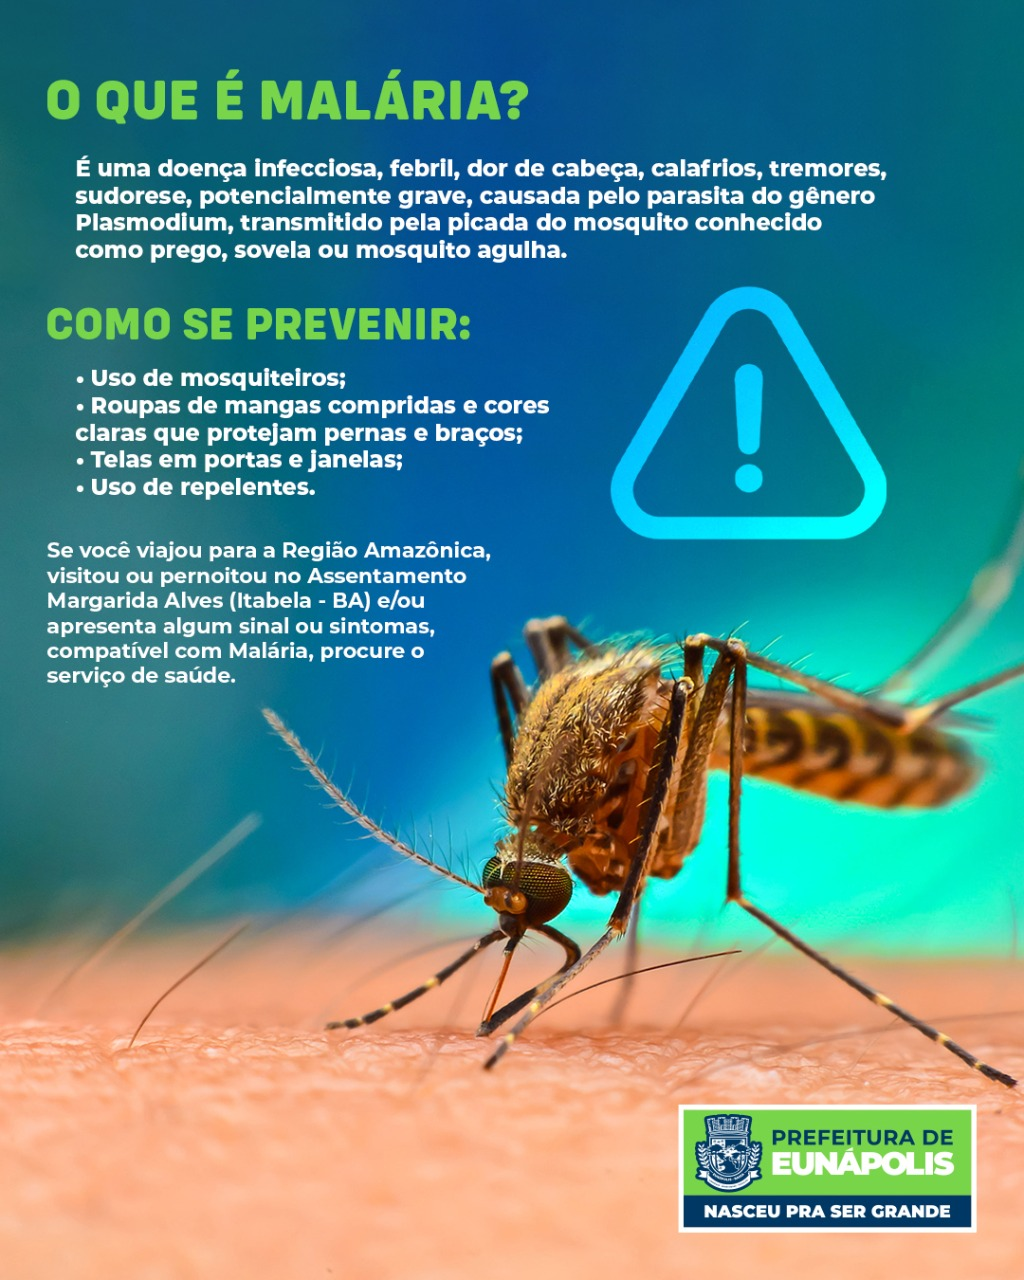 Prefeitura de Eunápolis reforça alerta à população sobre aumento de casos de malária na região 18